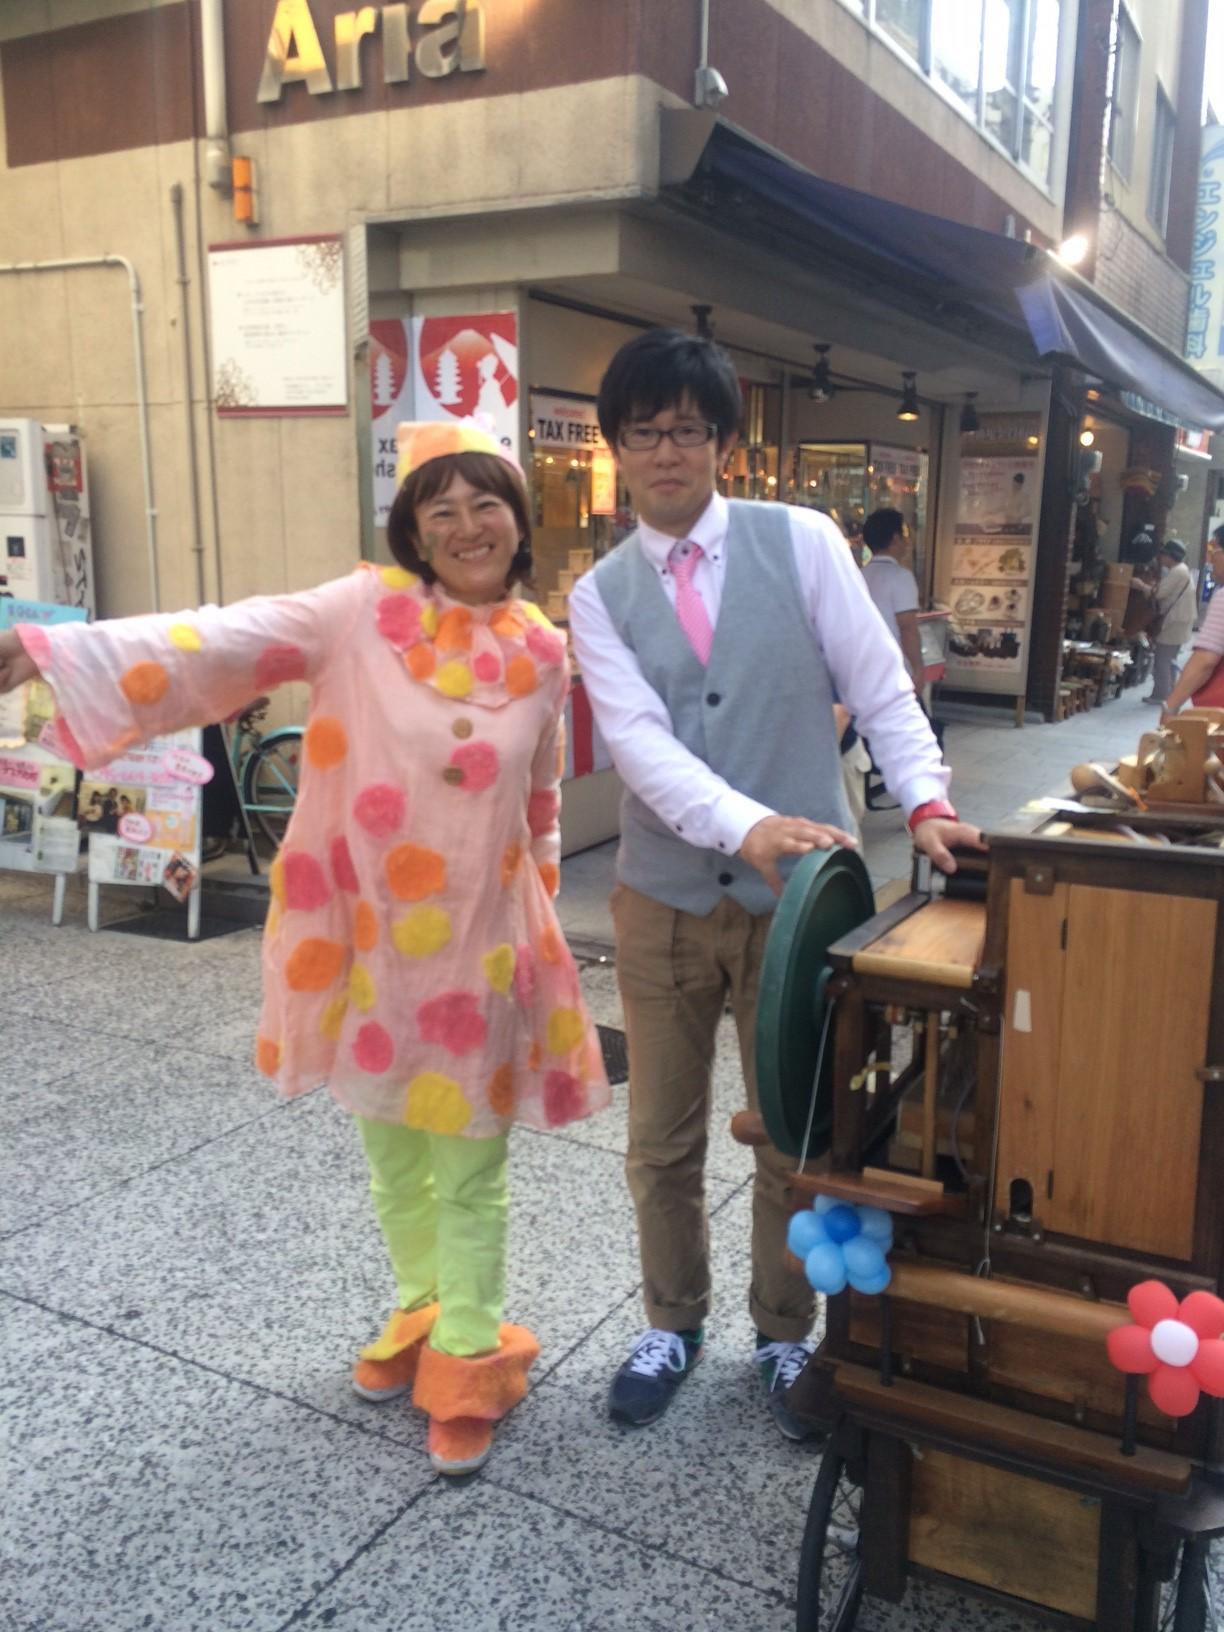 横浜開港祭 アイキャナルストリート_d0179447_1582357.jpg